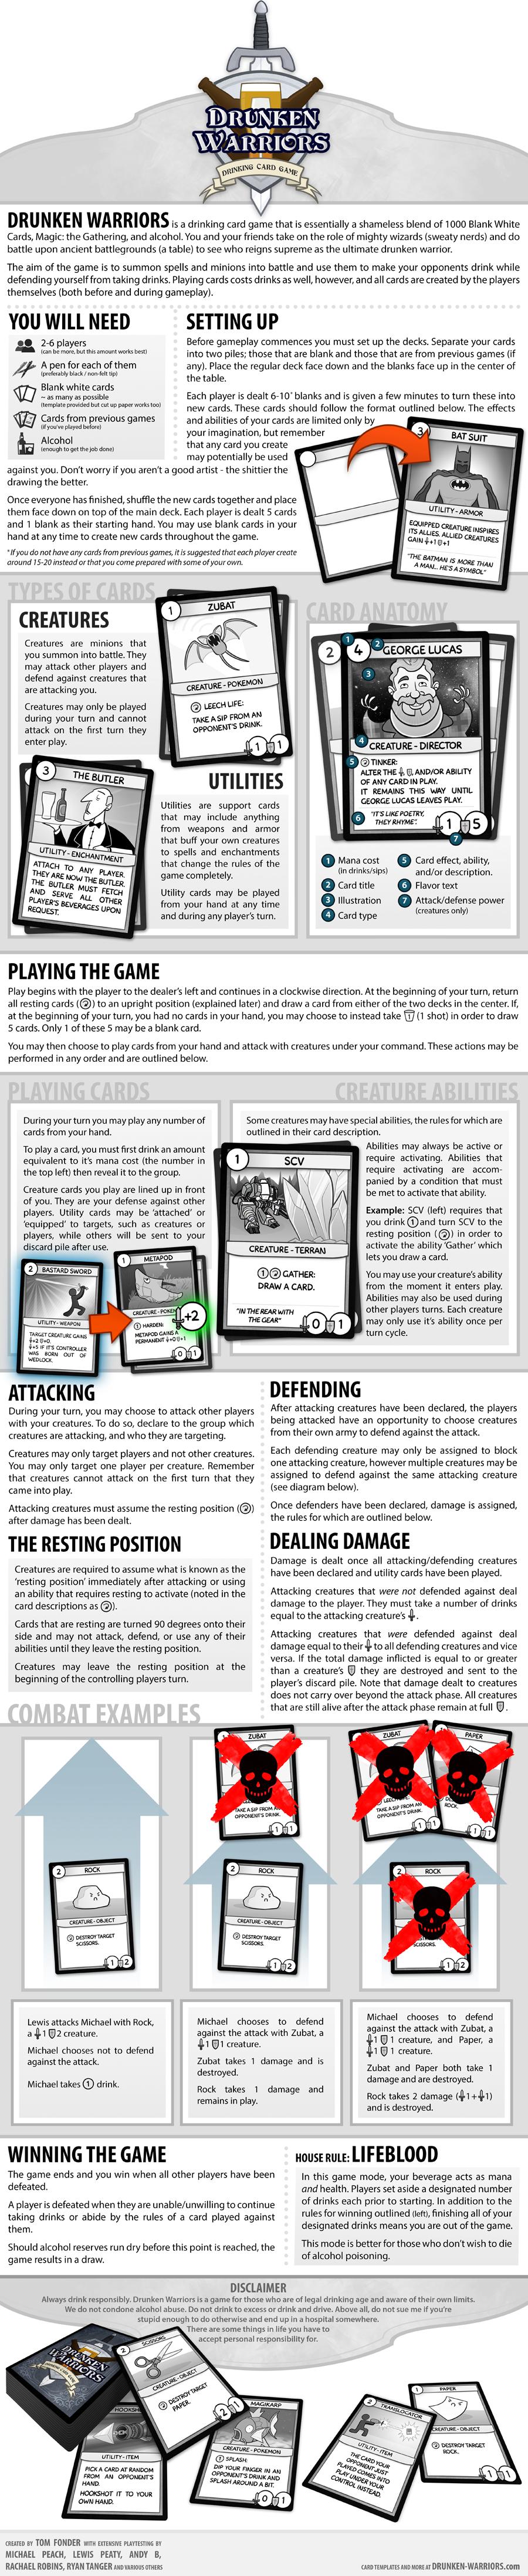 Drunken Warriors - A Drinking Card Game by tomfonder